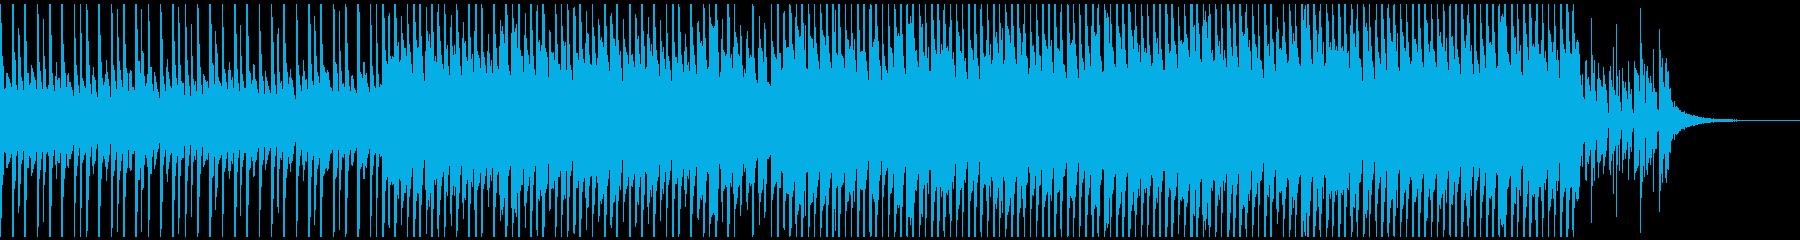 代替案 ポップ 民謡 コーポレート...の再生済みの波形